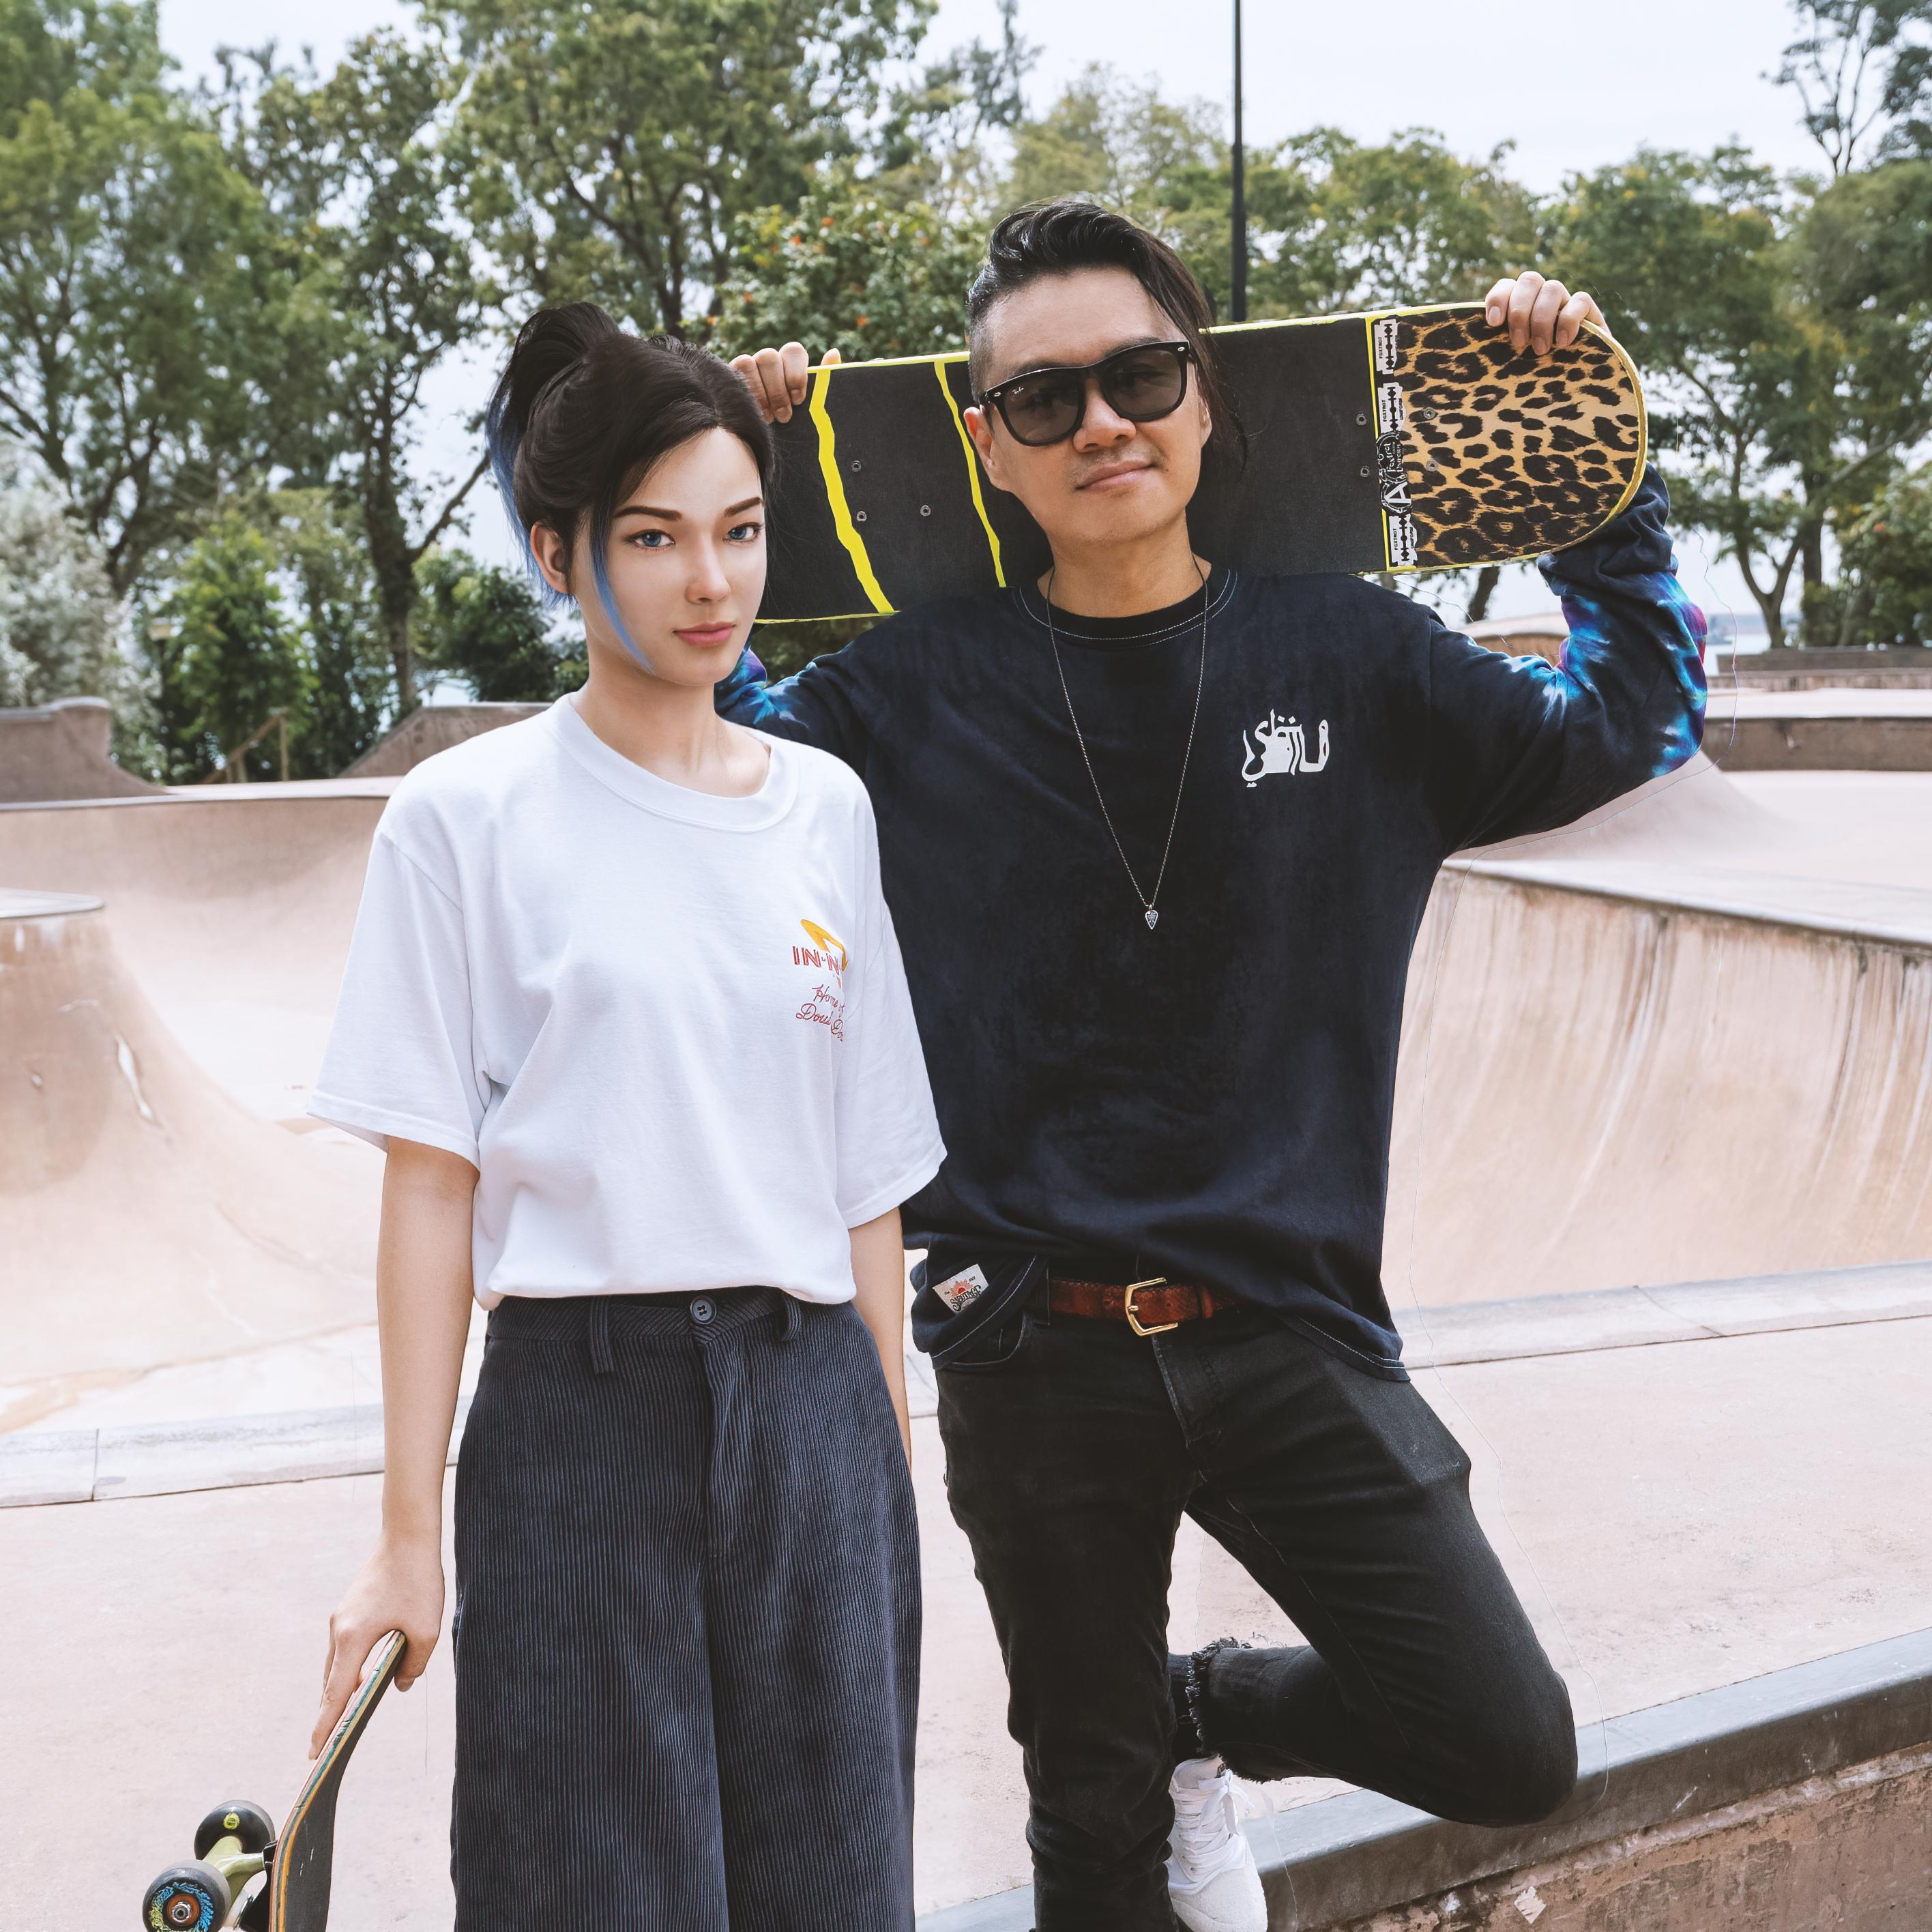 SBTG x Rae 胶囊 带来亚洲品牌与虚拟偶像跨界联名